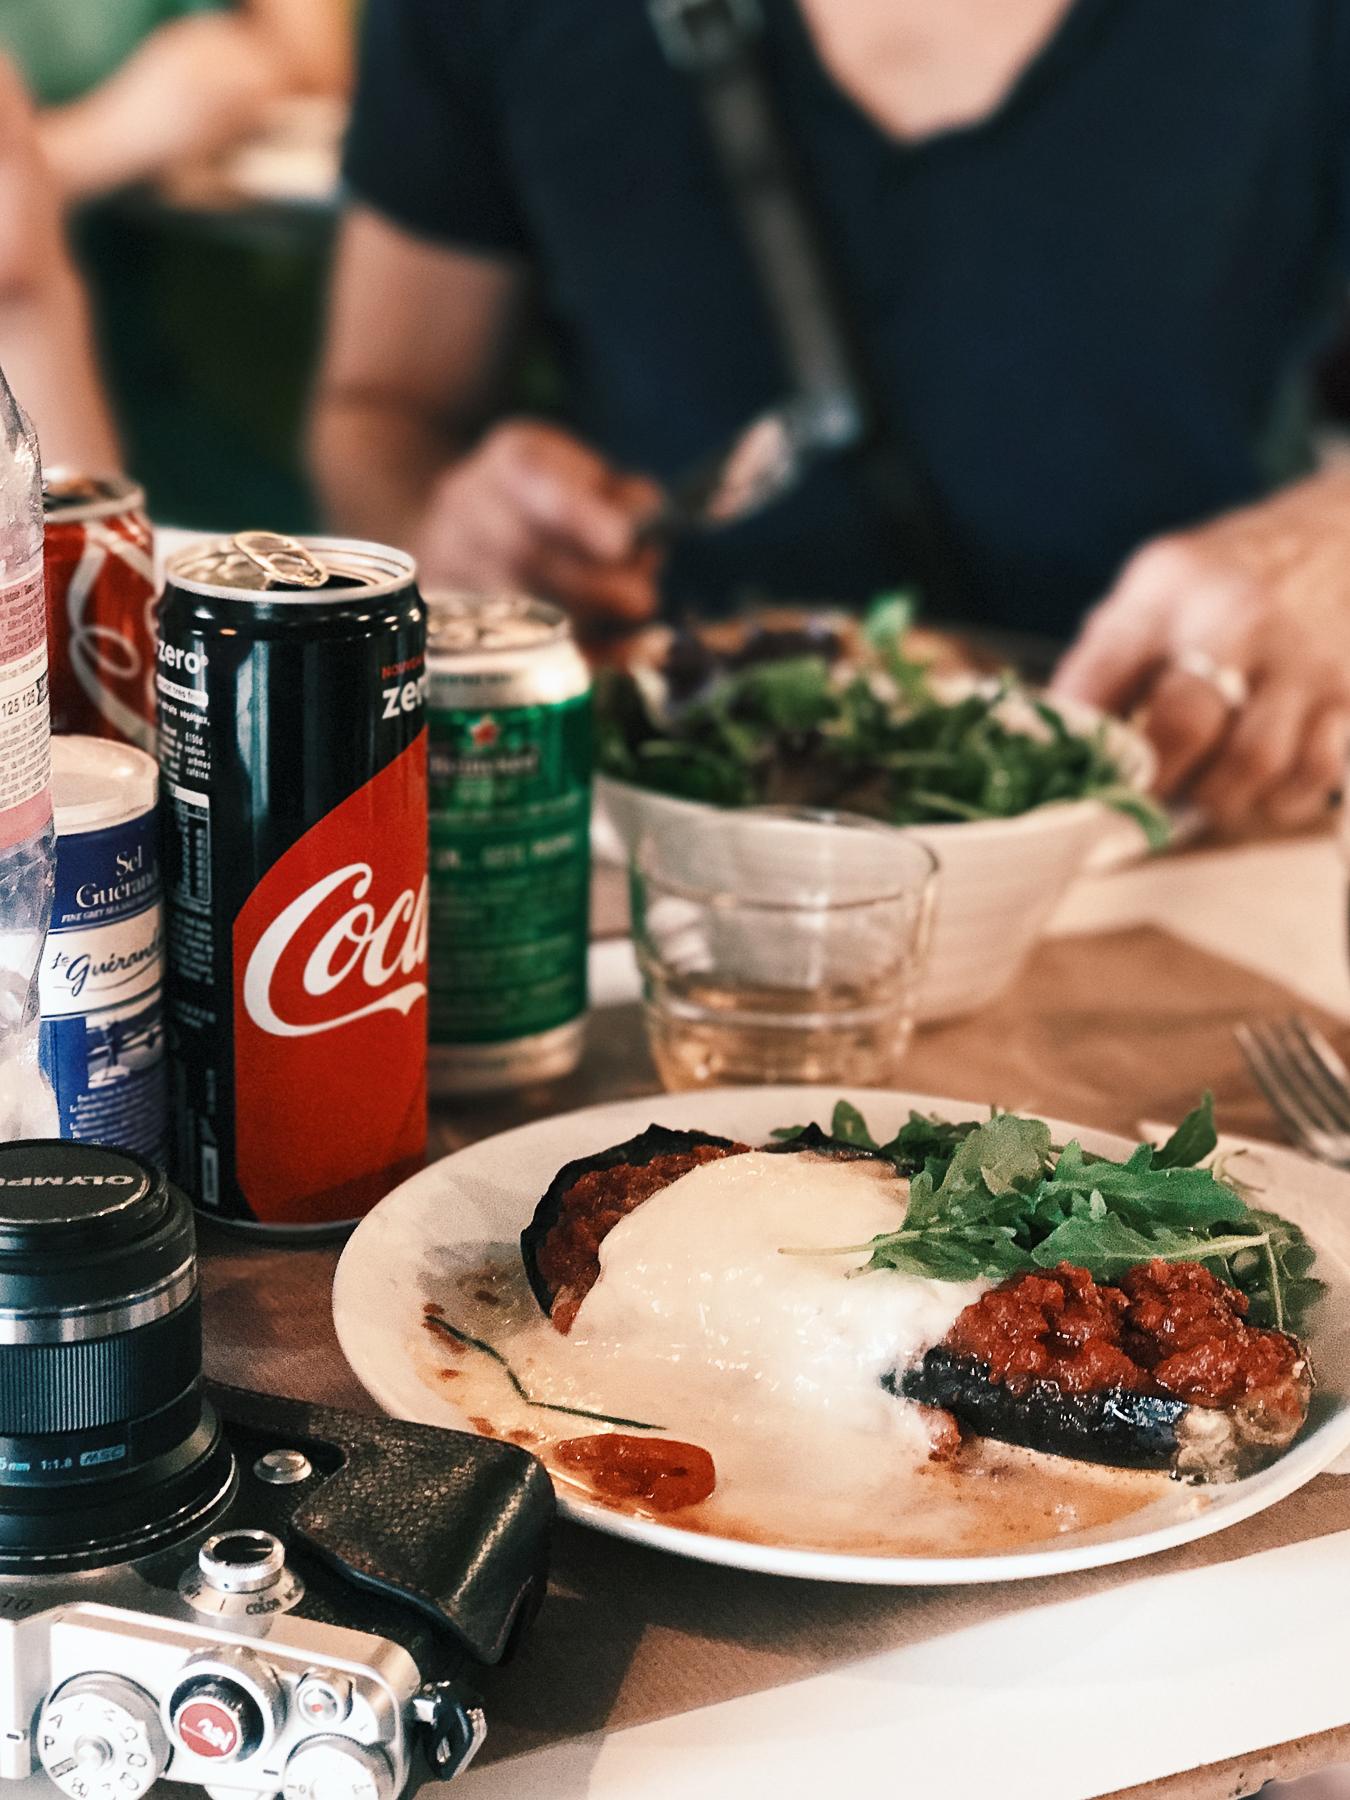 拉開與食物之間的距離,也可以讓用餐者成為背景,畫面會更有層次。